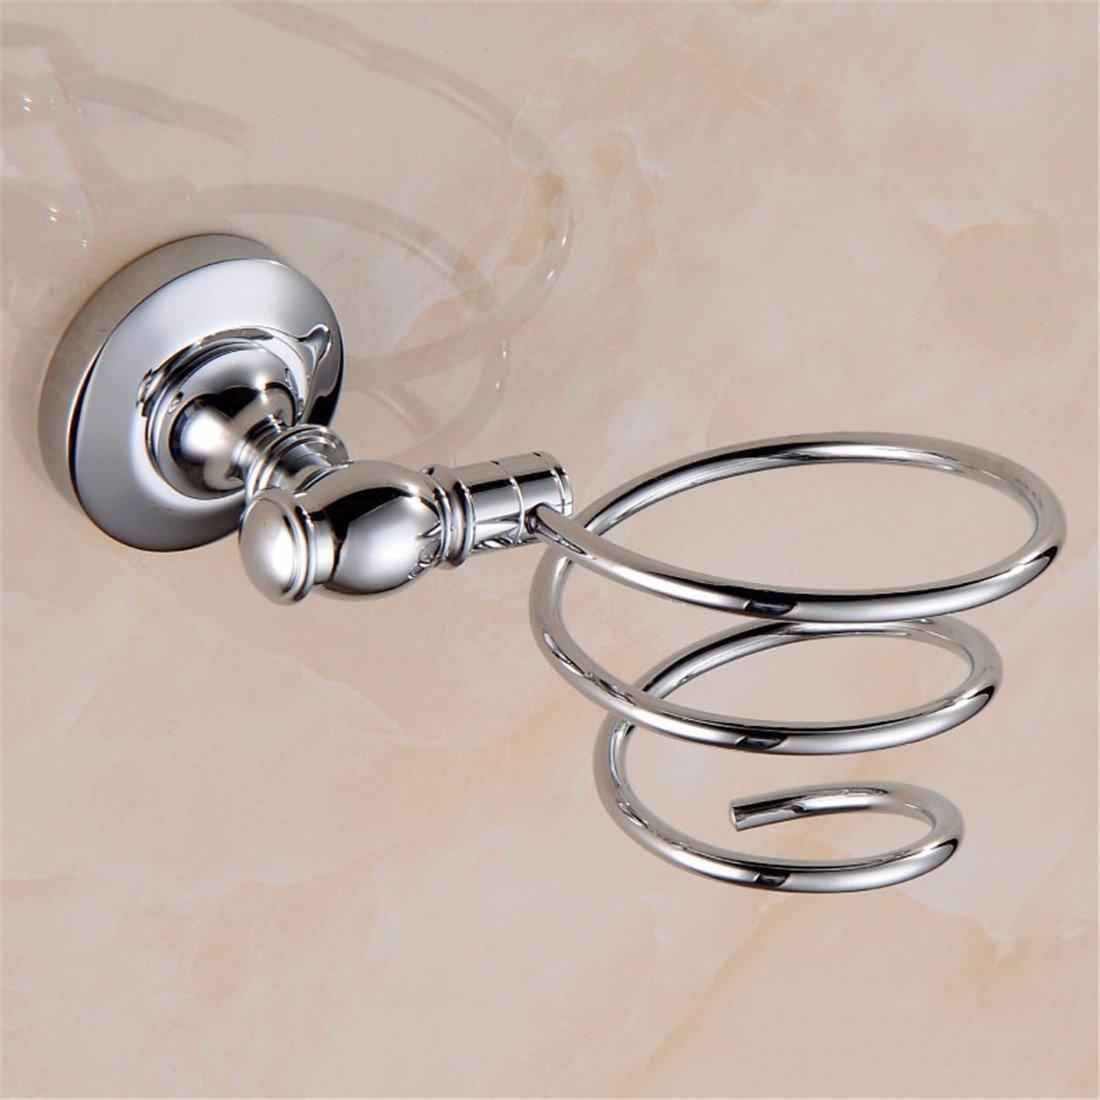 LAONA A contemporary minimalist Brass chrome bathroom accessory kit towel rack double bar corner racks, hair dryer Rack